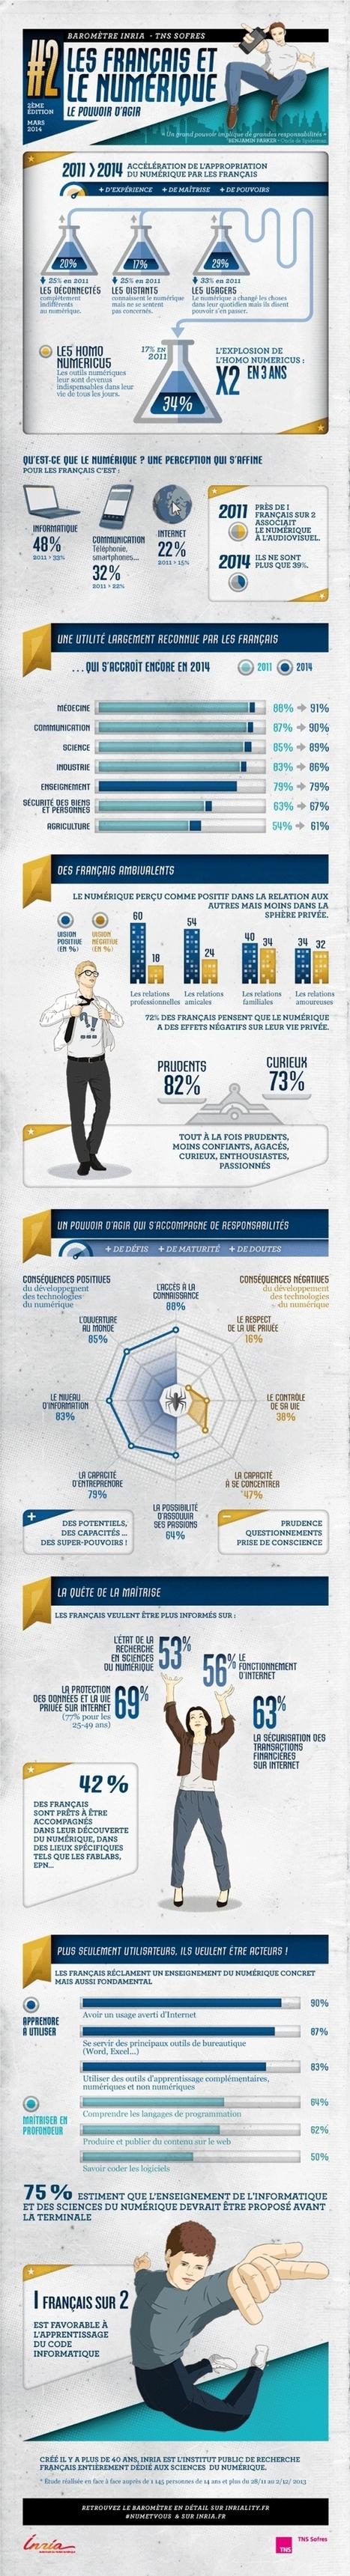 Infographie | Les Français souhaitent maîtriser les outils numériques (1/2) | Culture & digital | Scoop.it